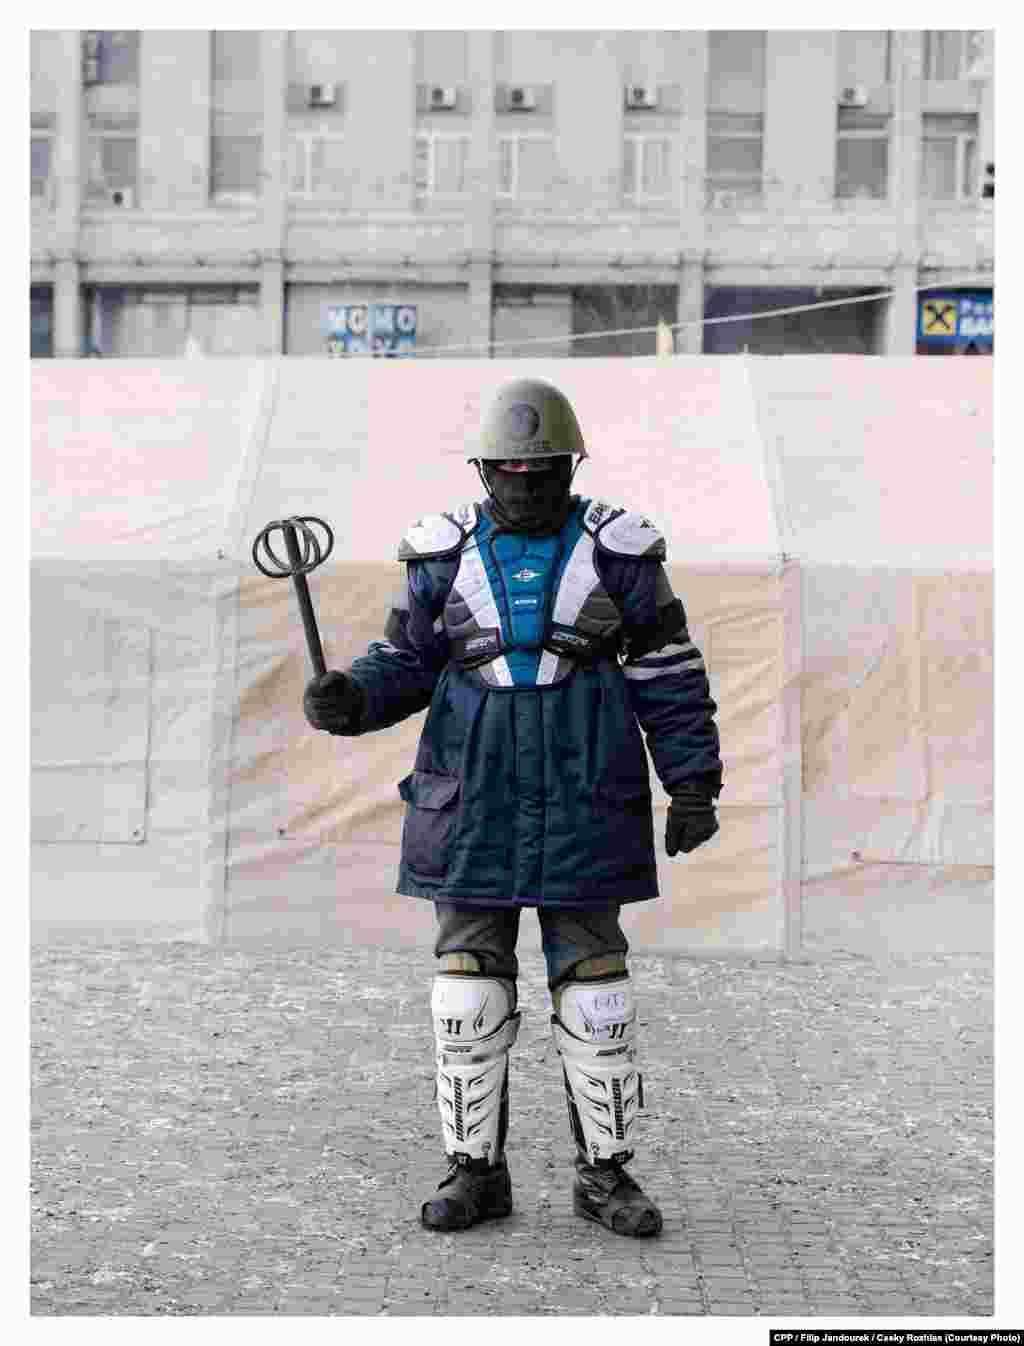 """Фотография из серии """"Многоликая украинская революция"""". Первый приз в категории """"Портреты"""", автор - Филип Яндоурек (Cesky Rozhlas)"""